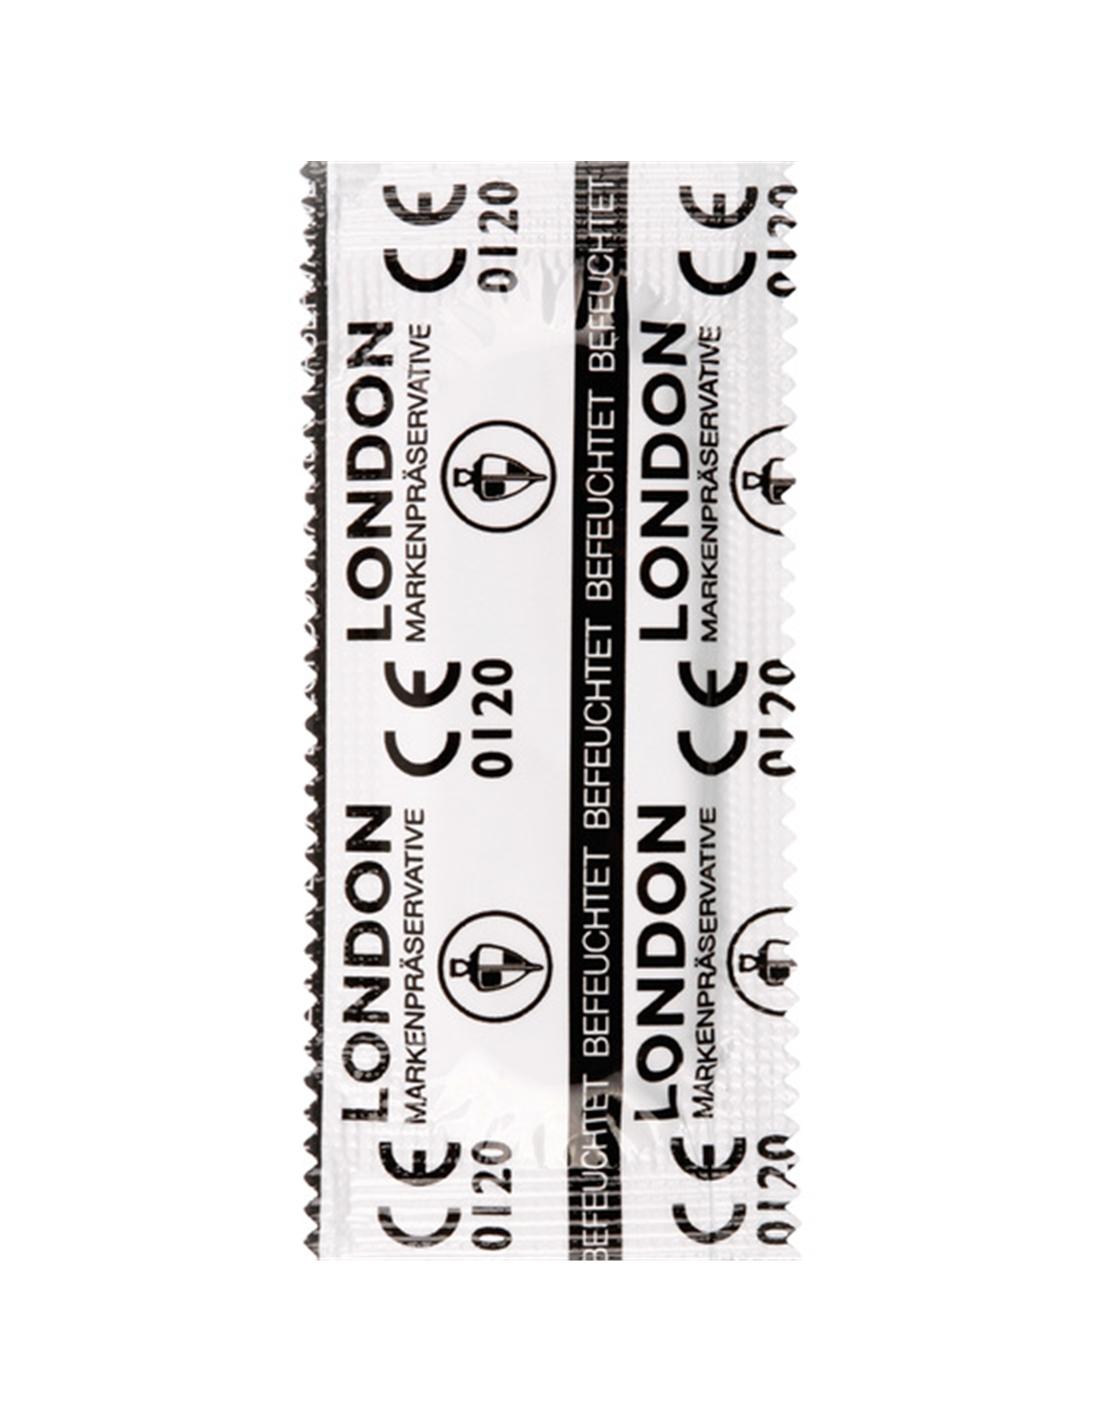 Preservativos London wet - 100 Unidades - DO29002597